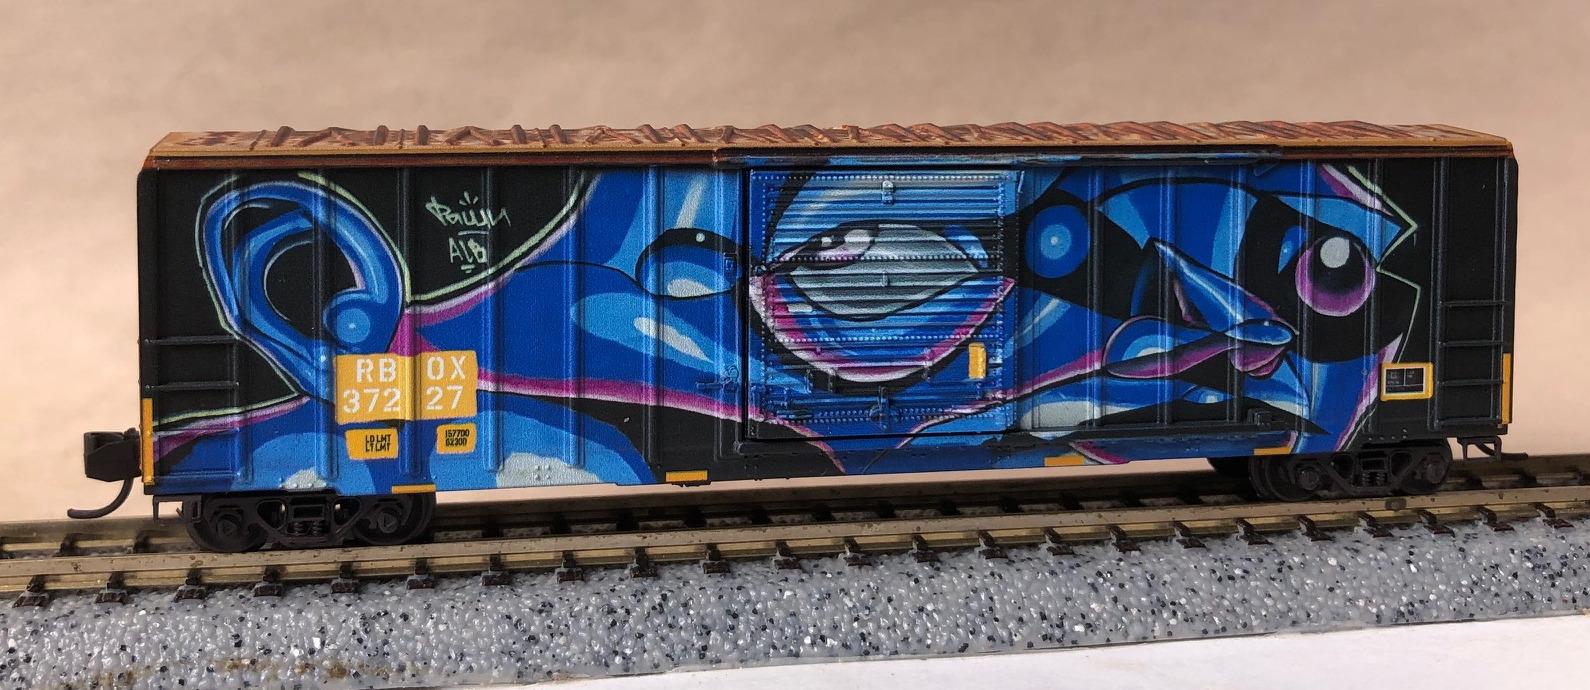 N Scale - Micro-Trains - 025 44 019 - Boxcar, 50 Foot, FMC, 5077 - RailBox - 37227